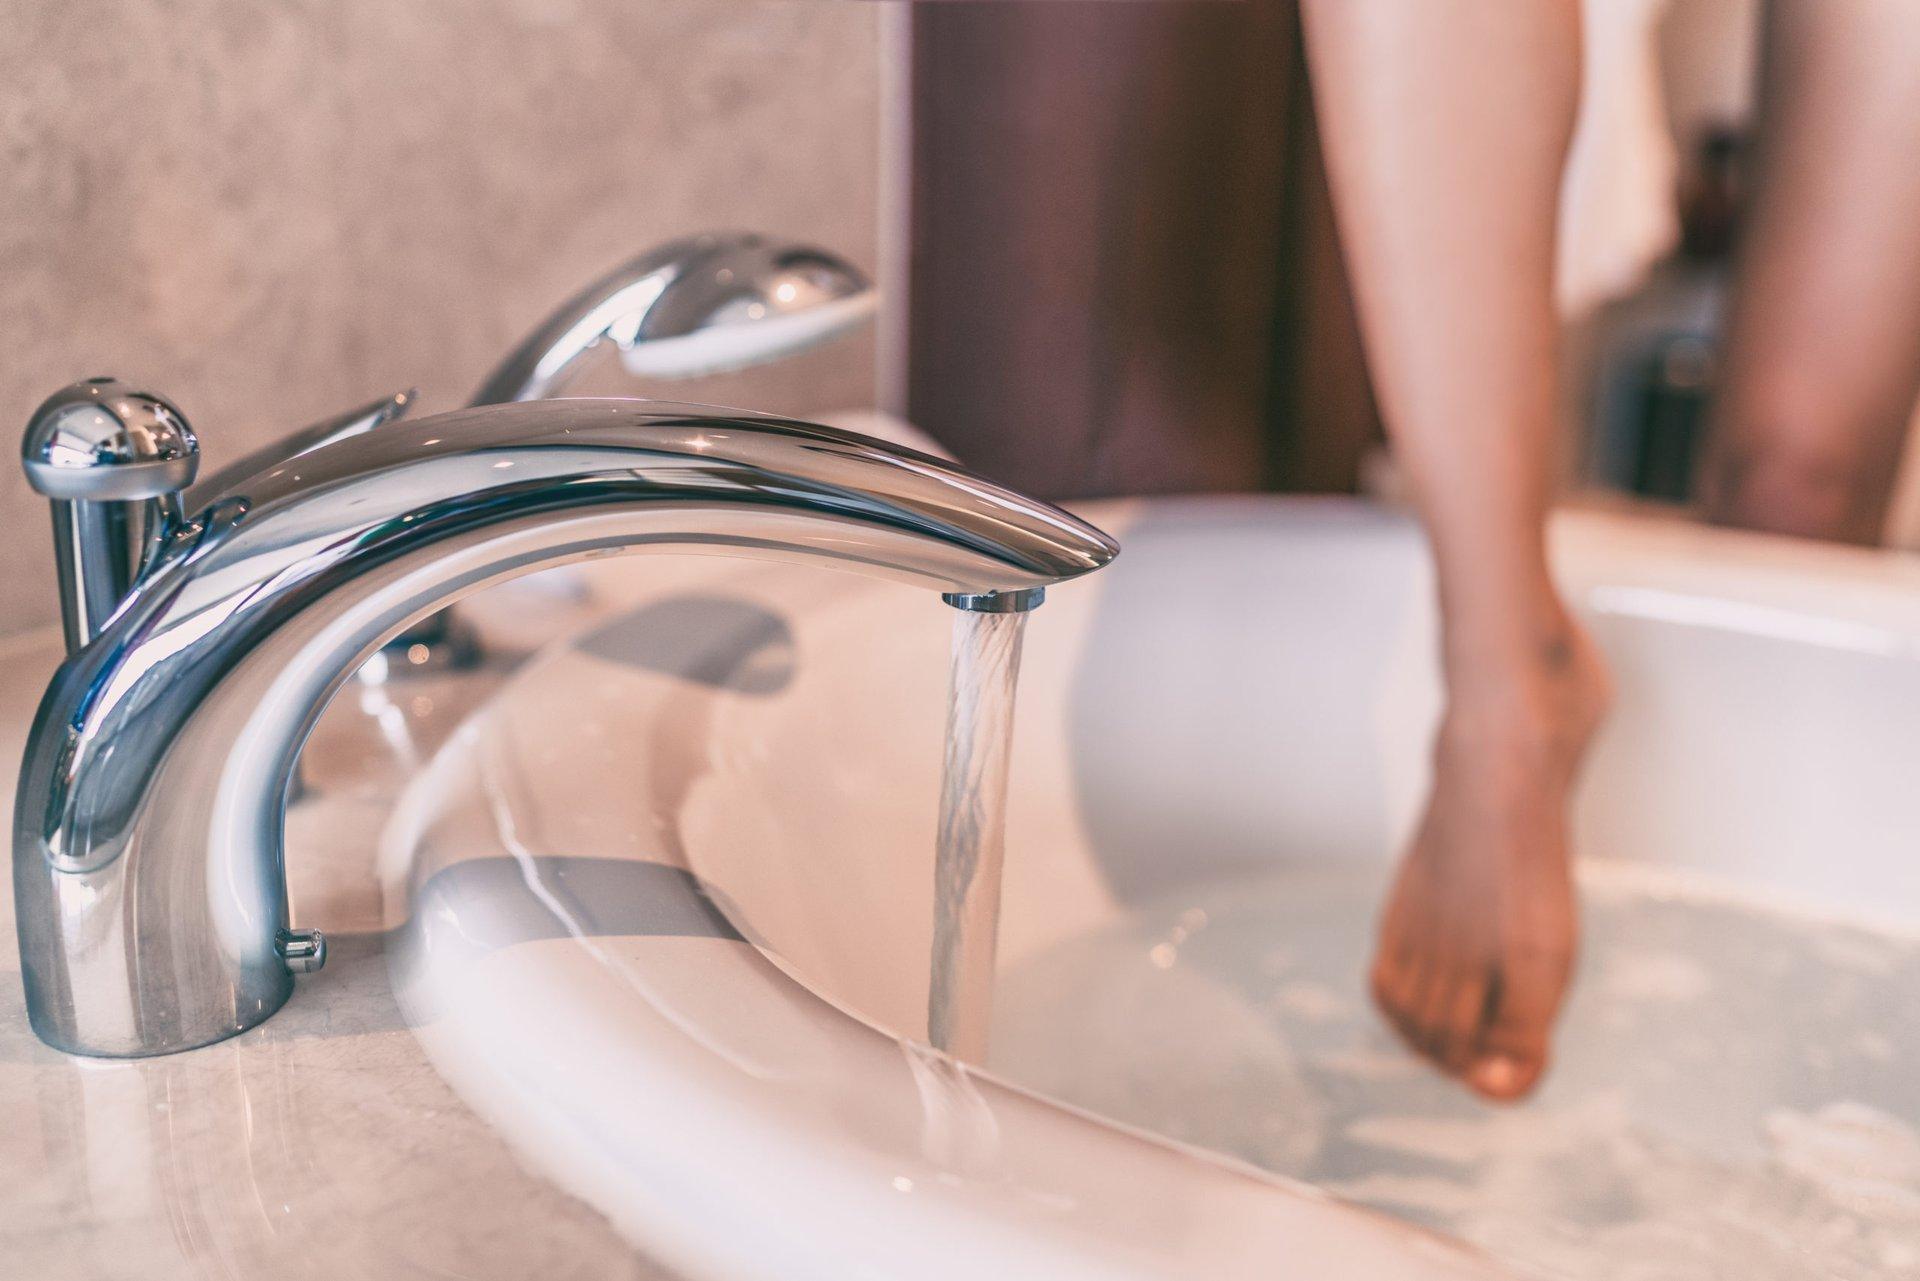 Woman stepping into a bathtub